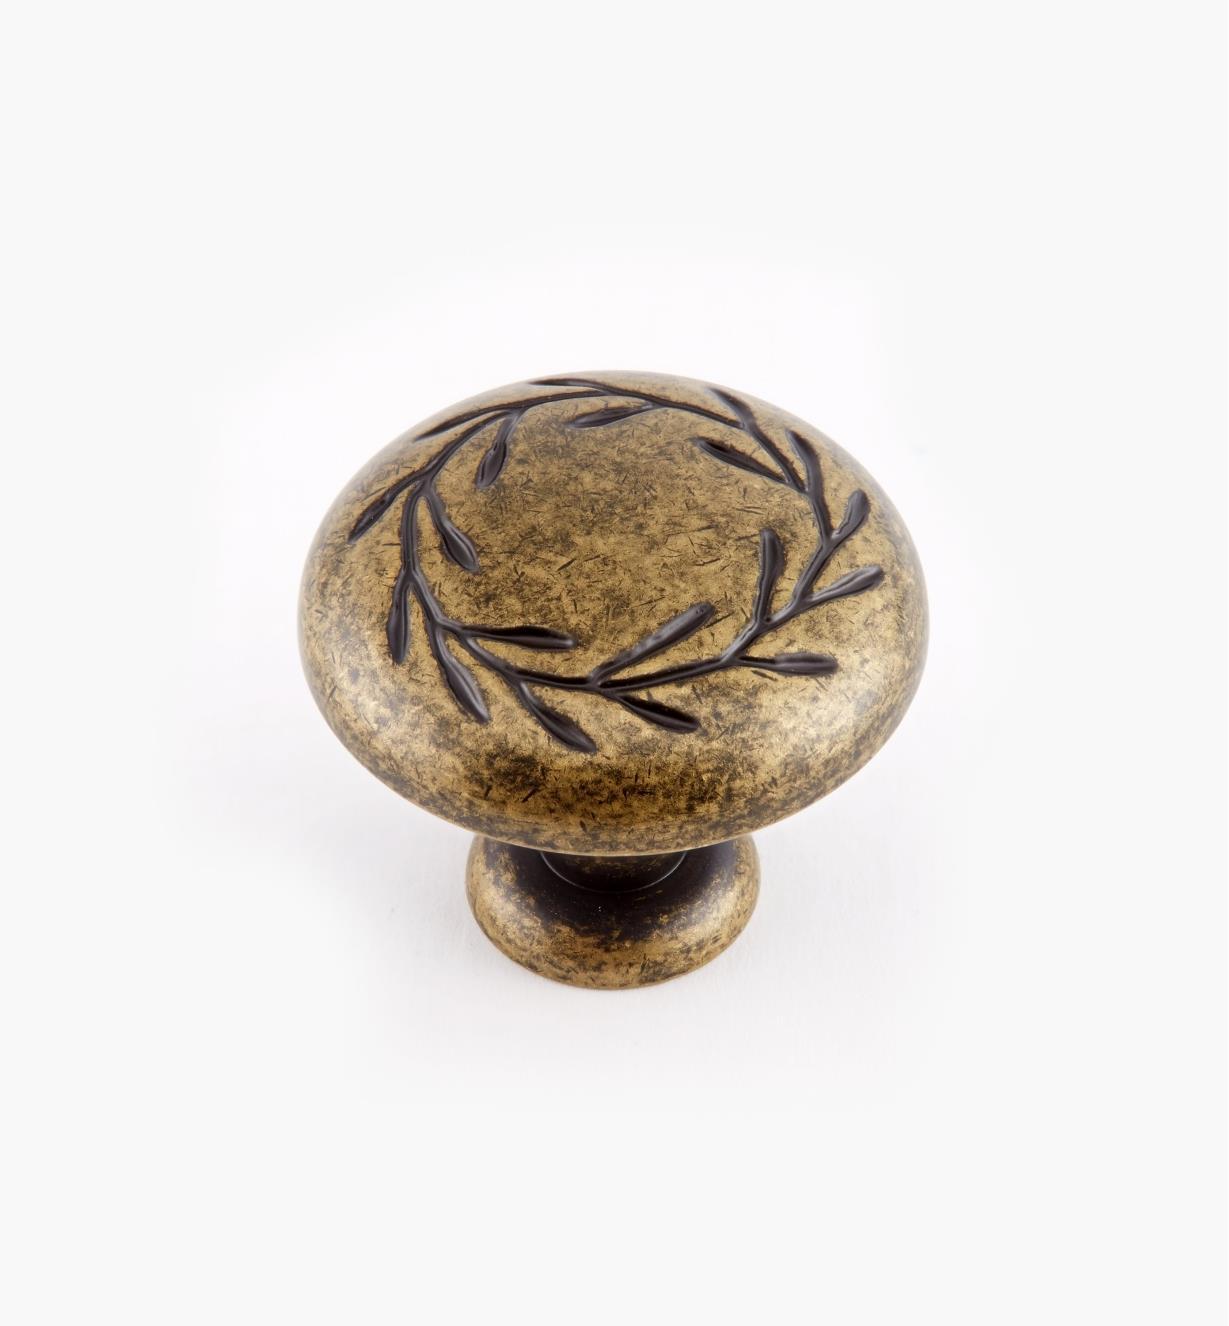 02A0504 - Bouton à motif de feuille de 11/4po, série Inspirations, fini laiton antique